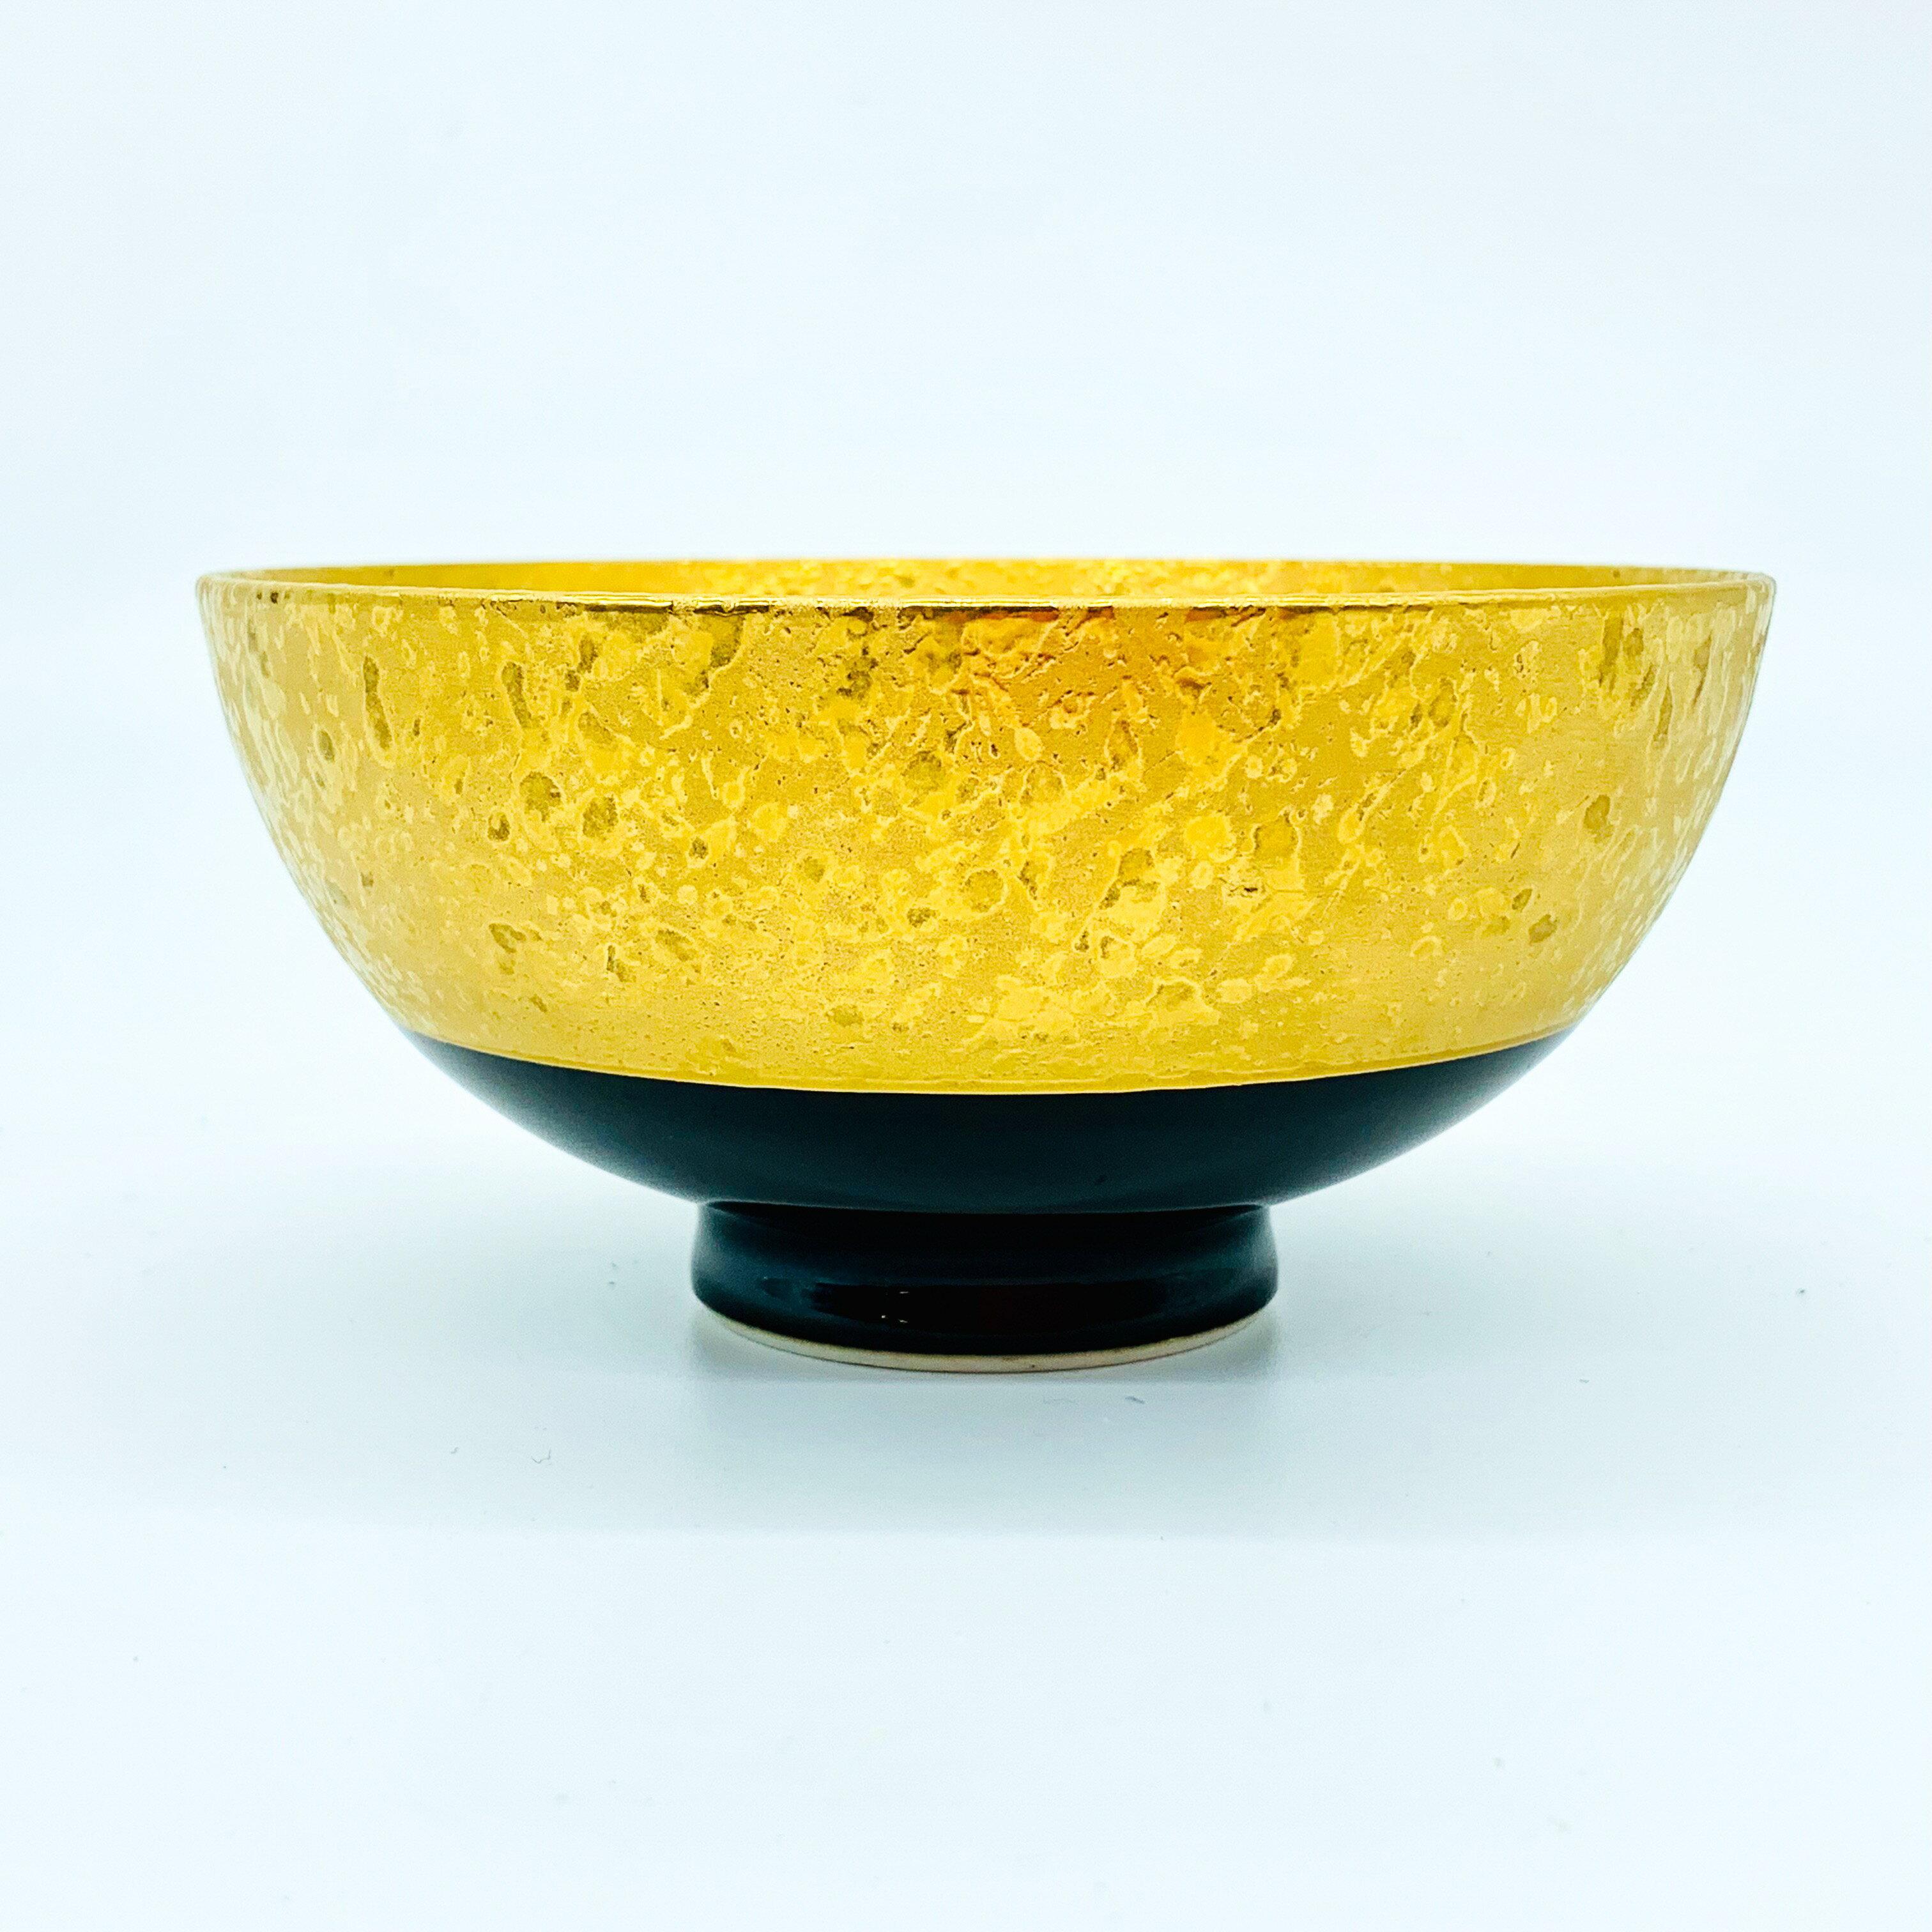 日本有田 有田燒 金濃黑釉碗 400年歷史 日本直送 金飯碗 職人手作